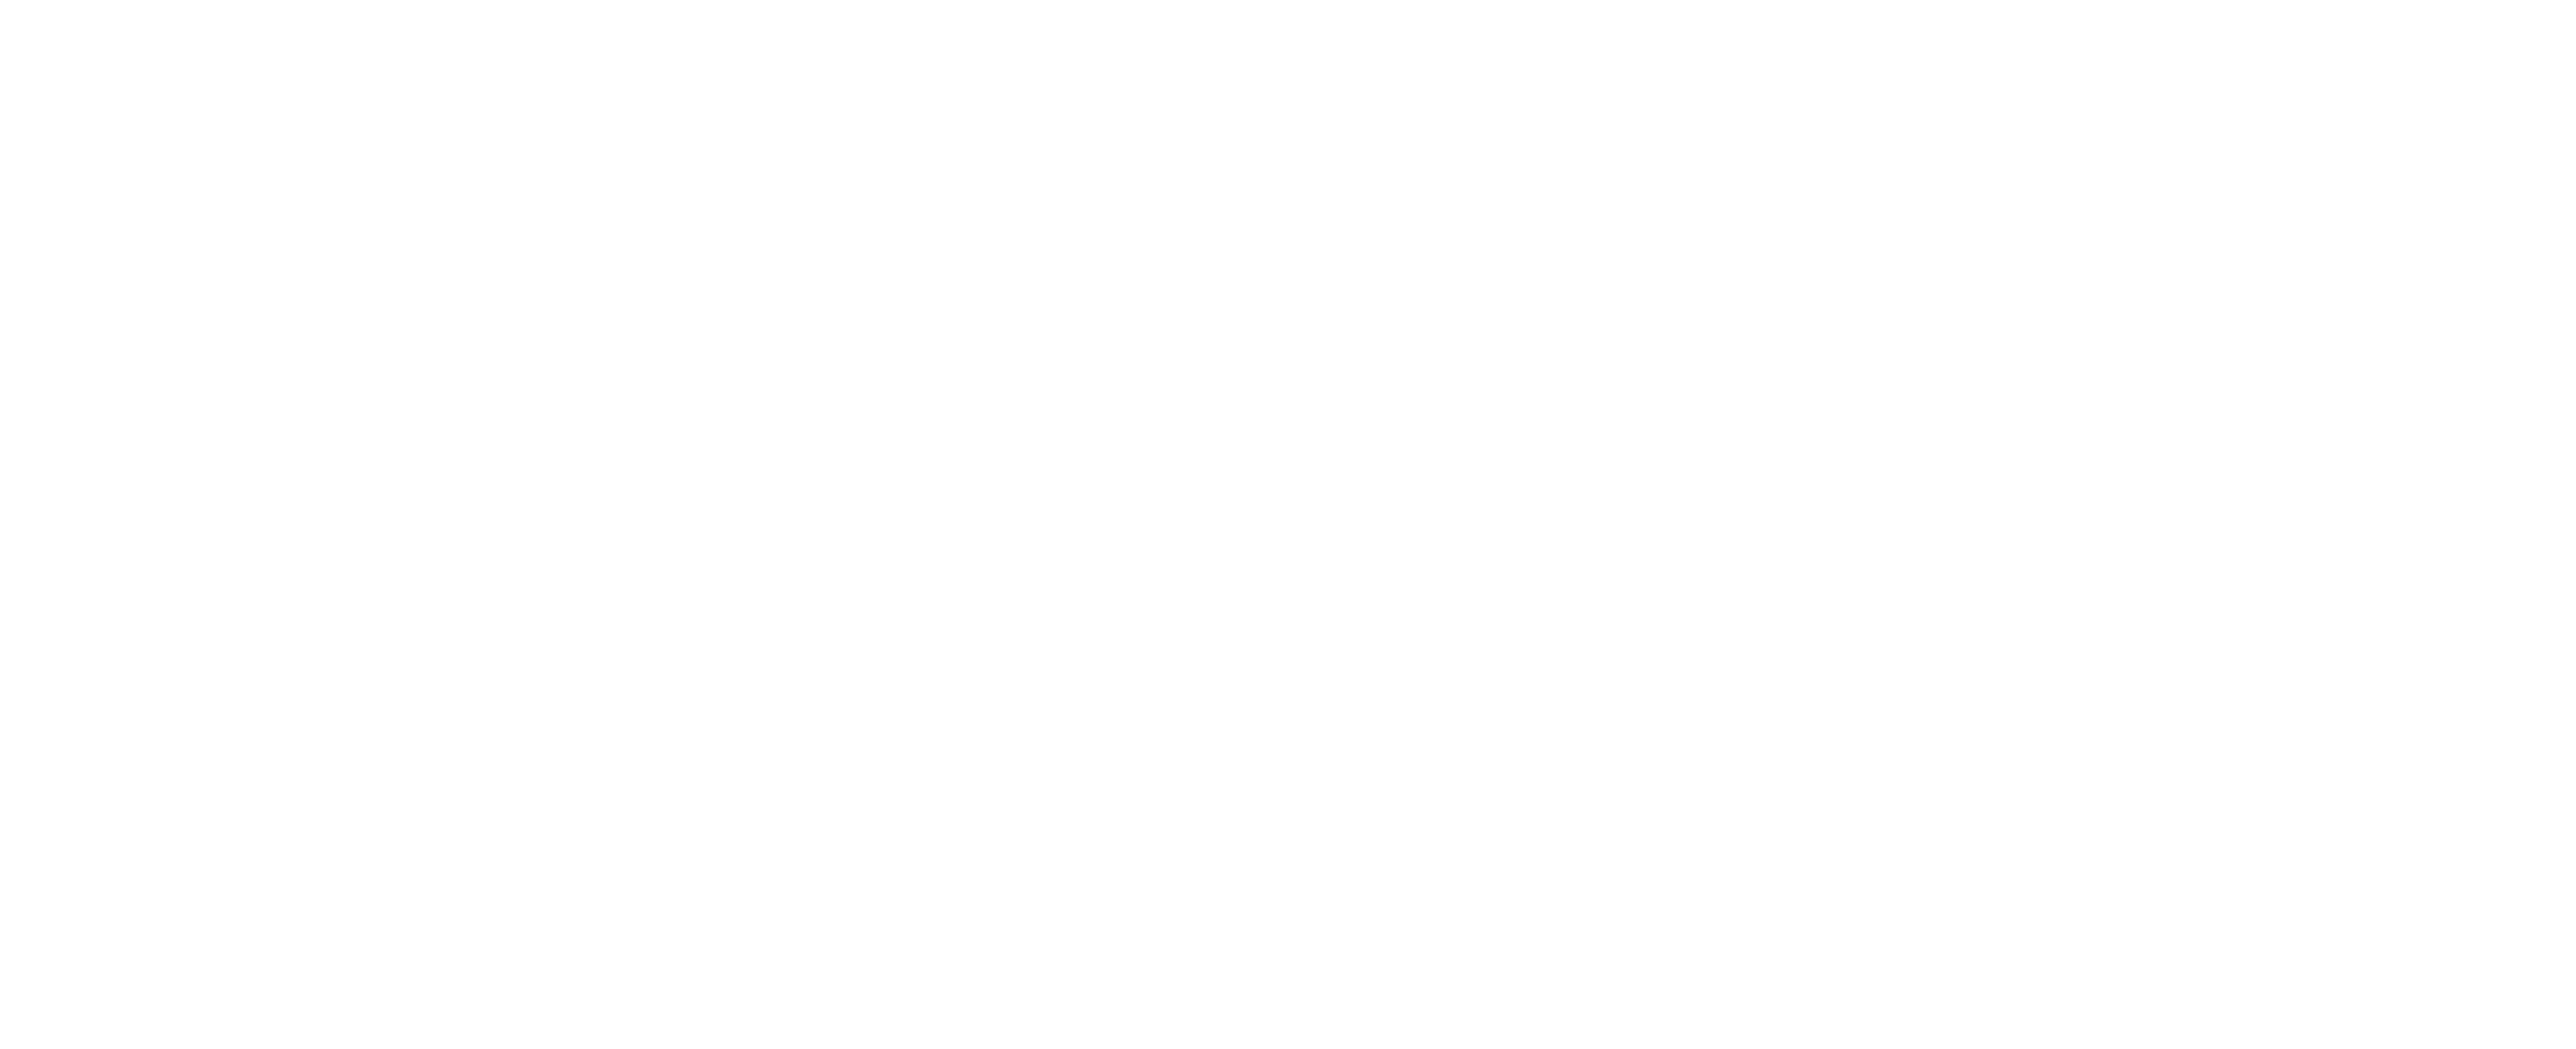 iStarto百客聚,提供包括网站建设, seo服务, 搜索营销,社媒广告,营销自动化, 搜索引擎优化等互联网广告技术服务。